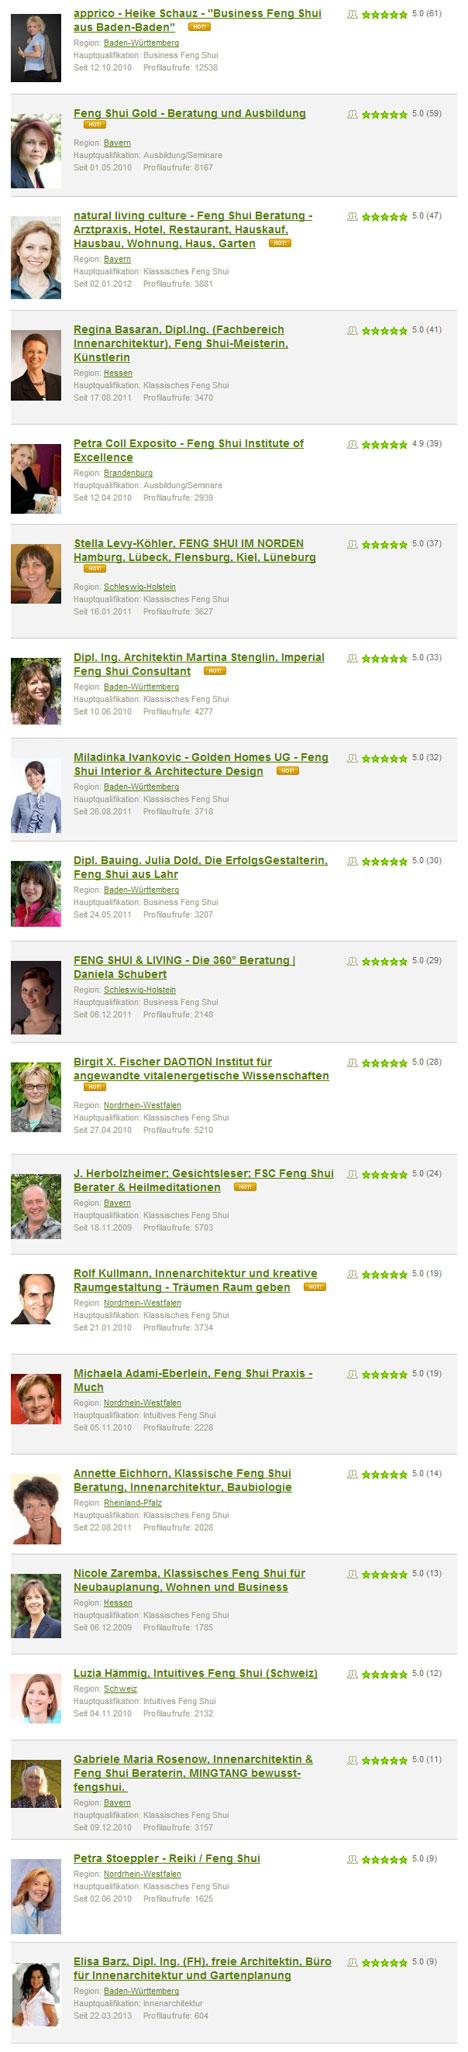 Deutschlands beste Feng Shui Berater 2014